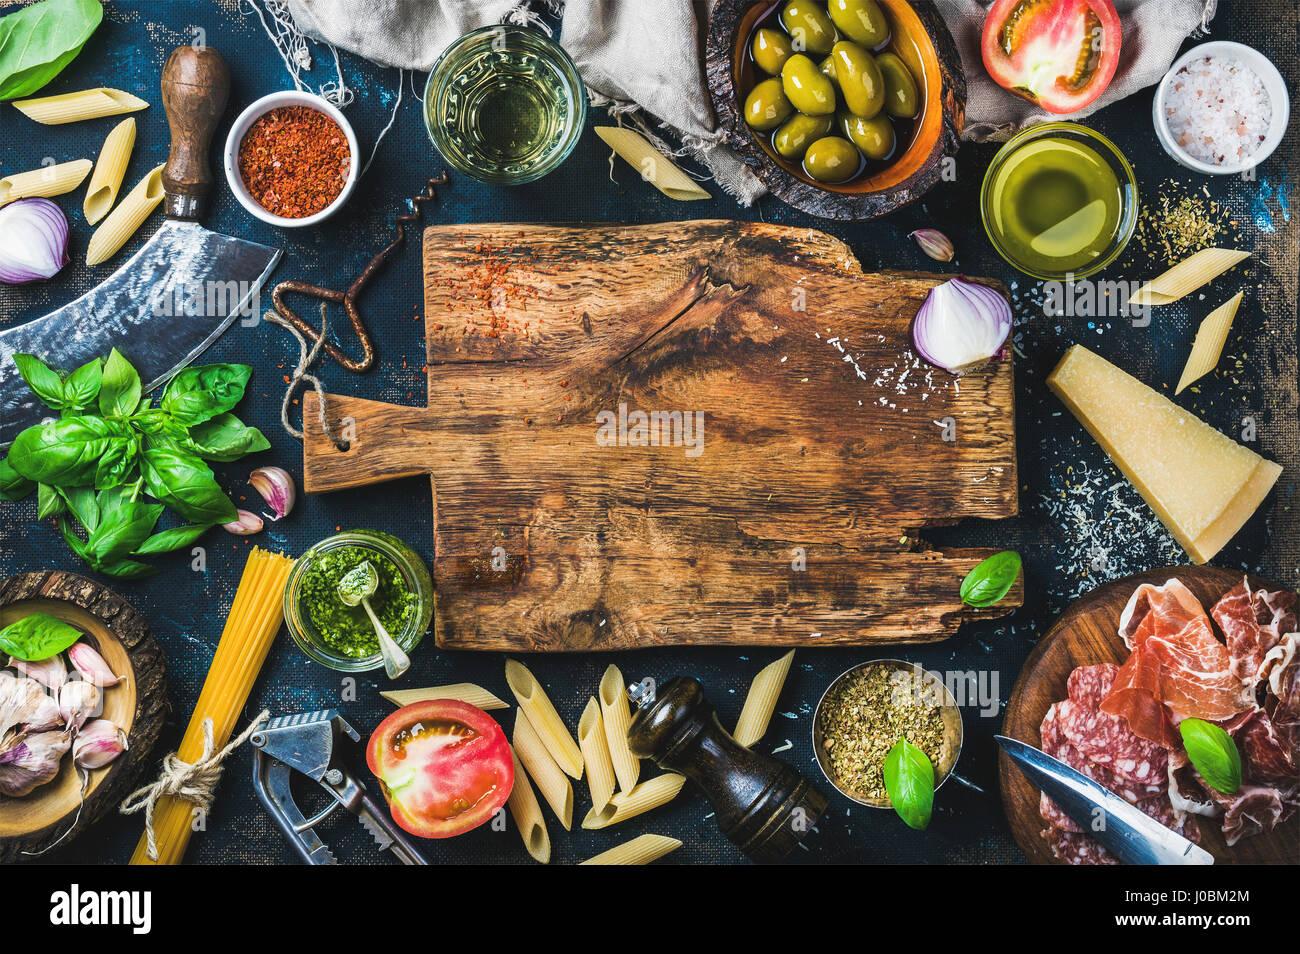 Ingrédients de cuisine italienne sur fond sombre Photo Stock